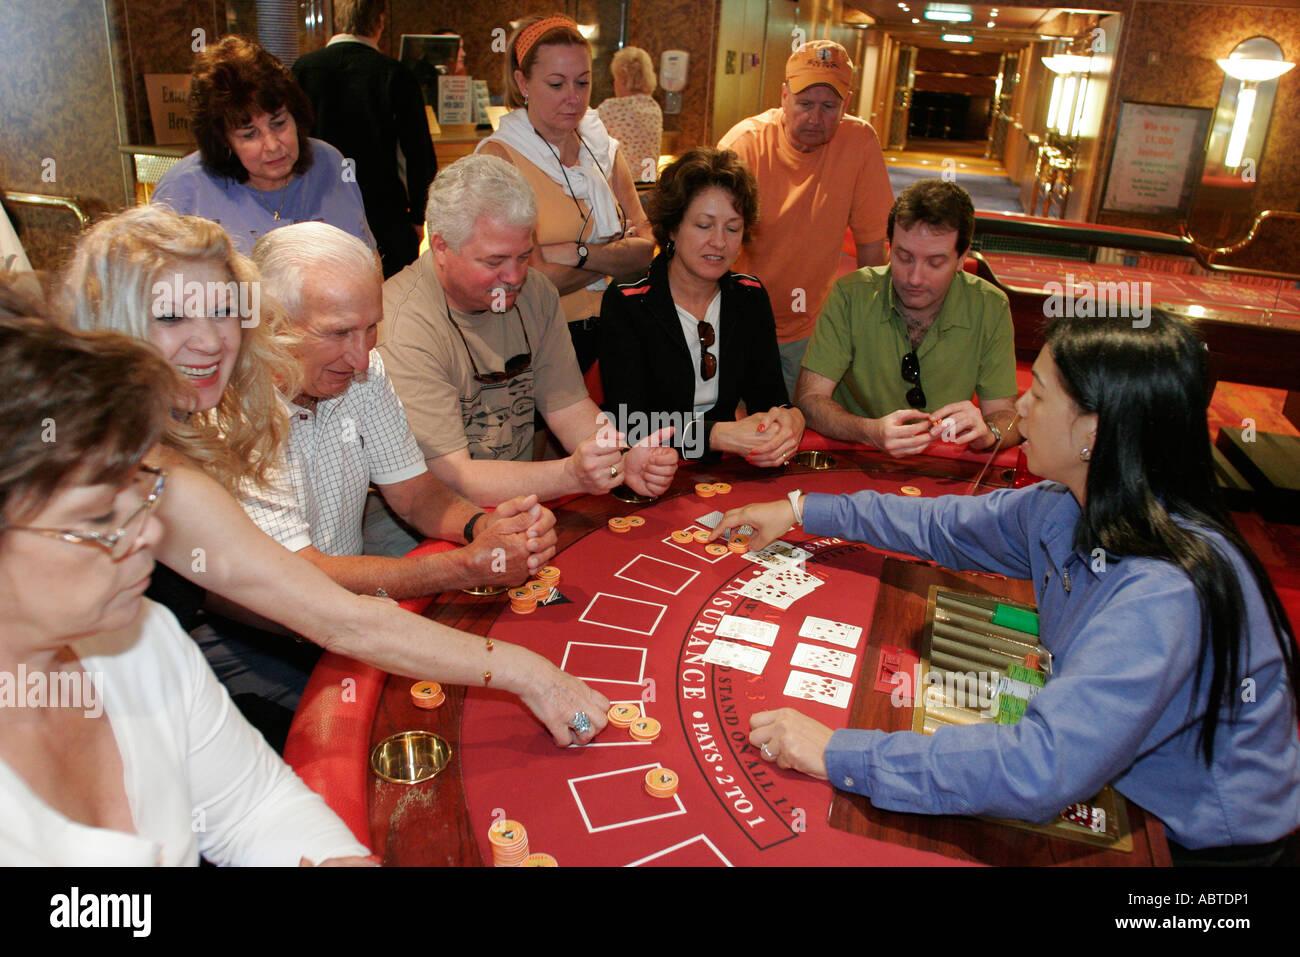 Noordam casino grande casino